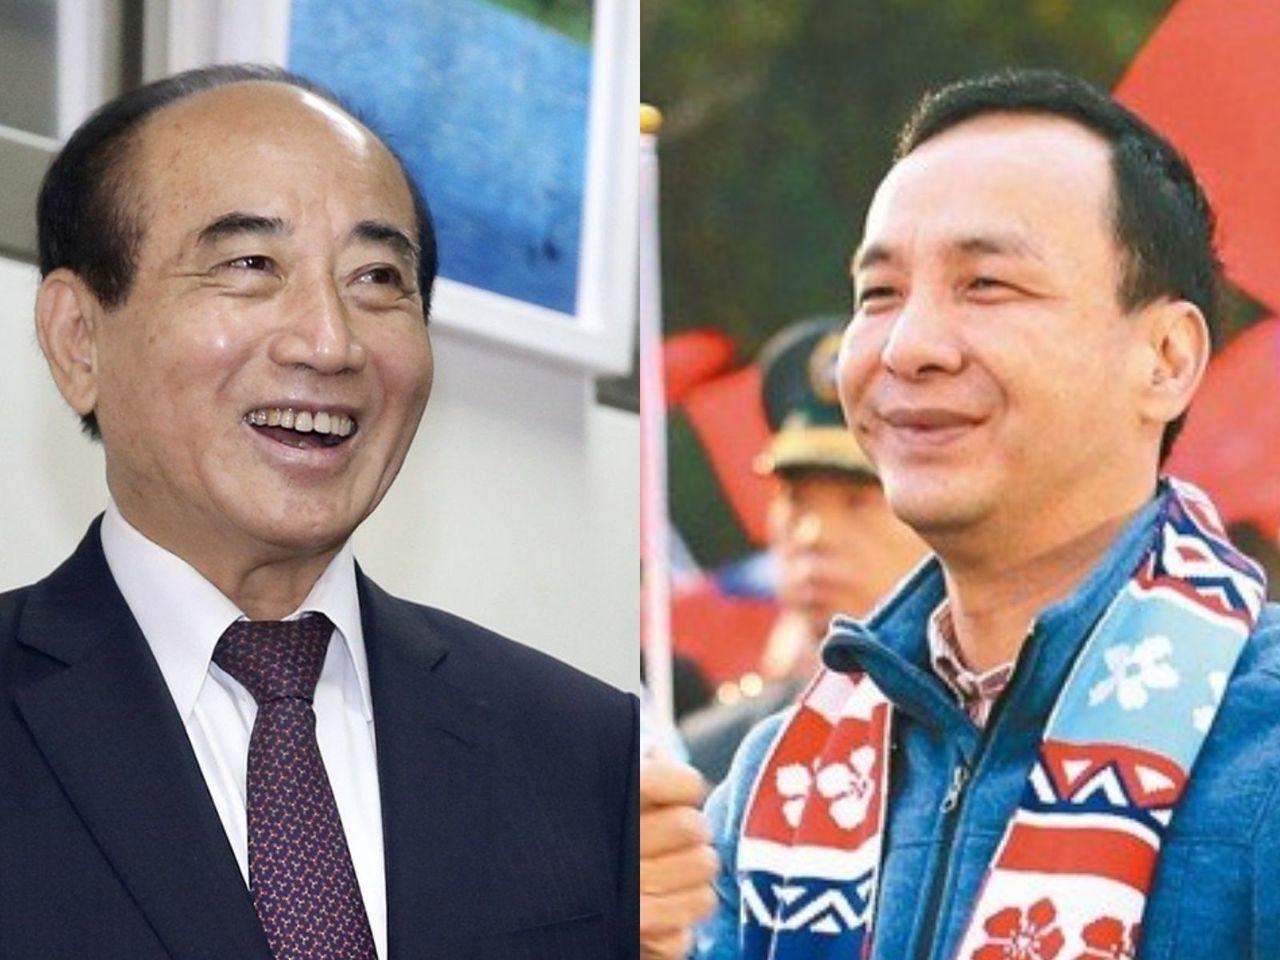 立法院前院長王金平與新北市前市長朱立倫。報系資料照合成